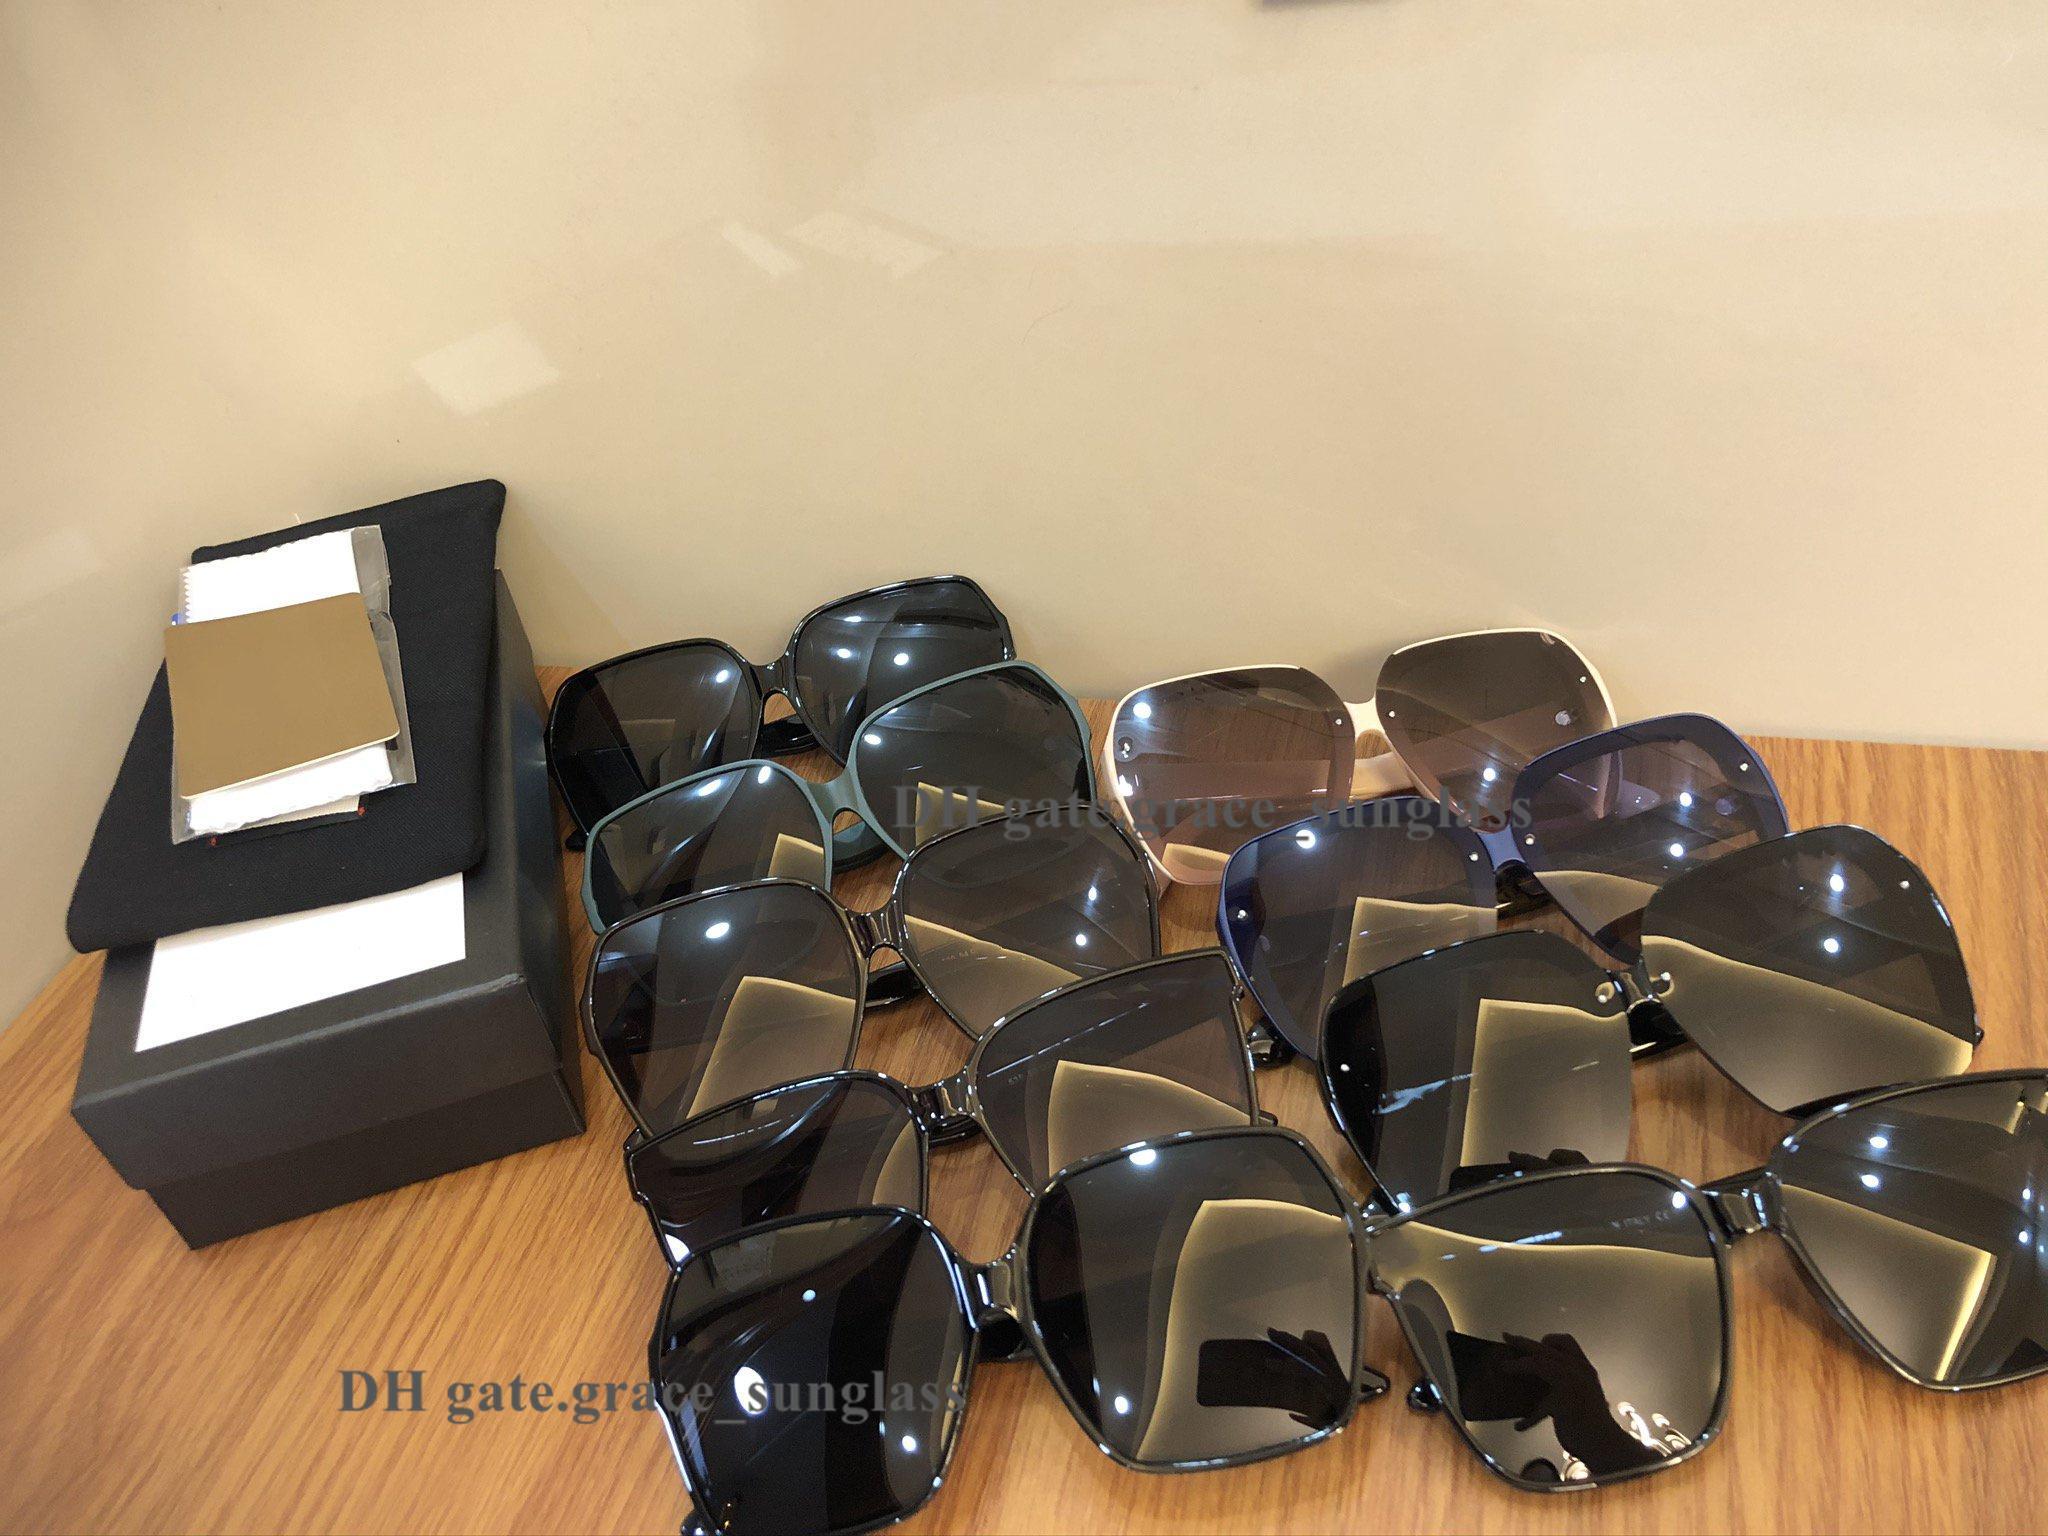 최고 품질 디자이너 선글라스 남자 여성 고양이 눈 사각 프레임 편광 된 UV400 폴라로이드 렌즈 고급 안경 유니섹스 패션 클래식 태양 안경 무료 상자 선물